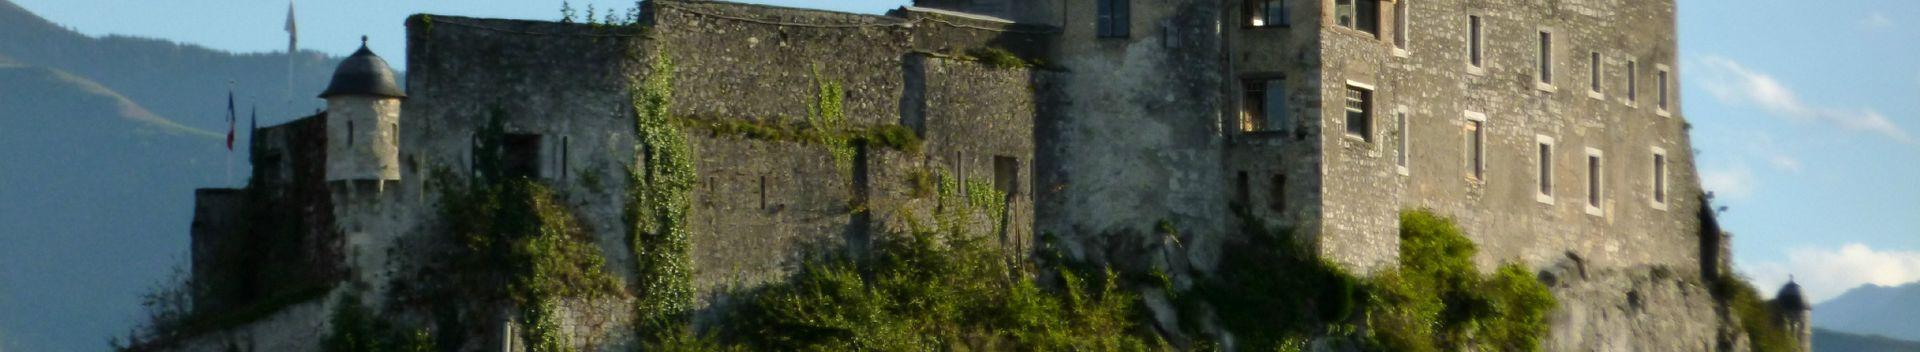 chateau_bandeau